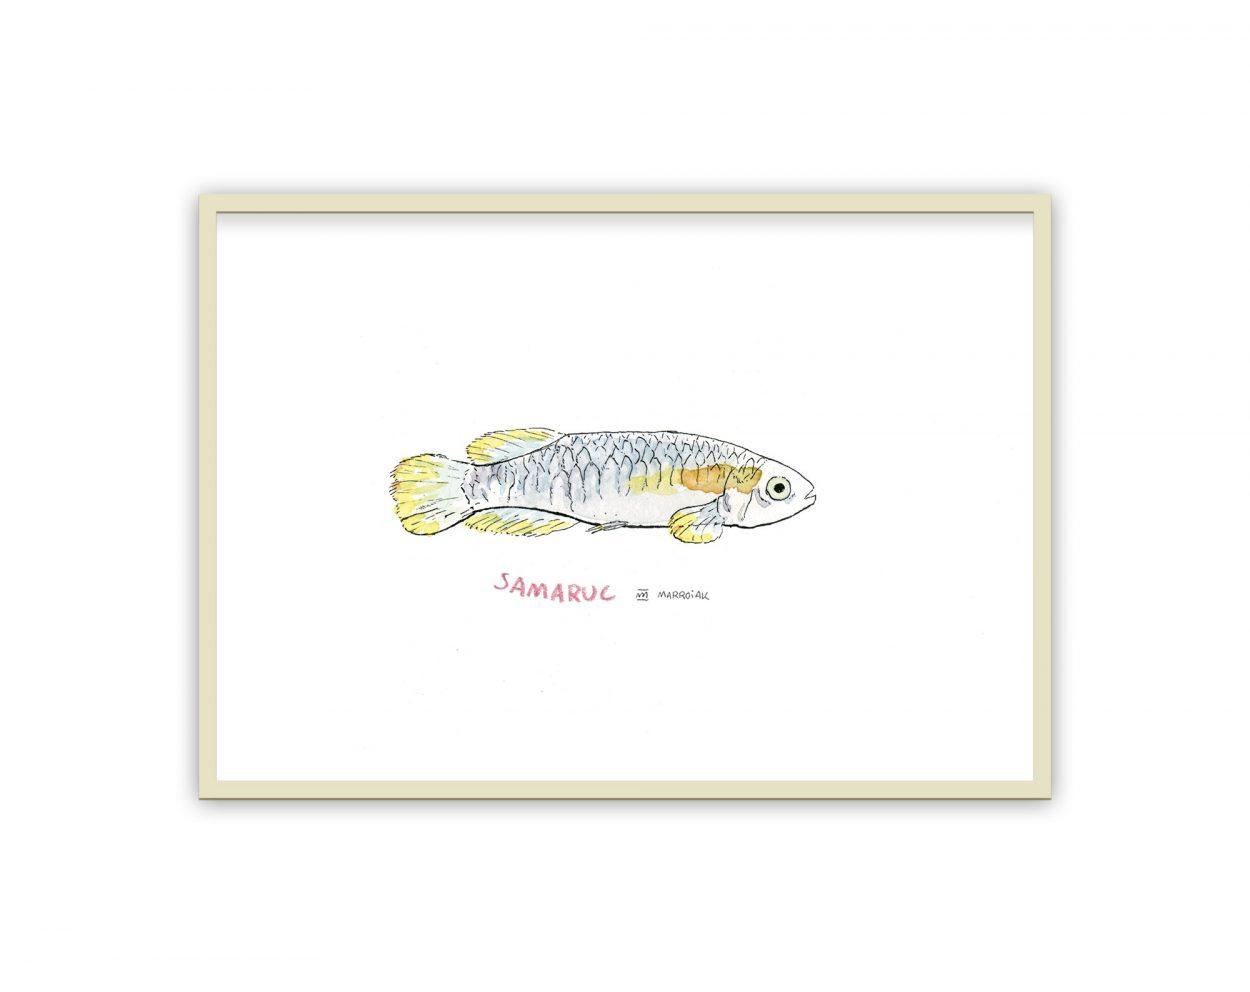 Lámina con el dibujo de un samaruc, pez autóctono de Valencia